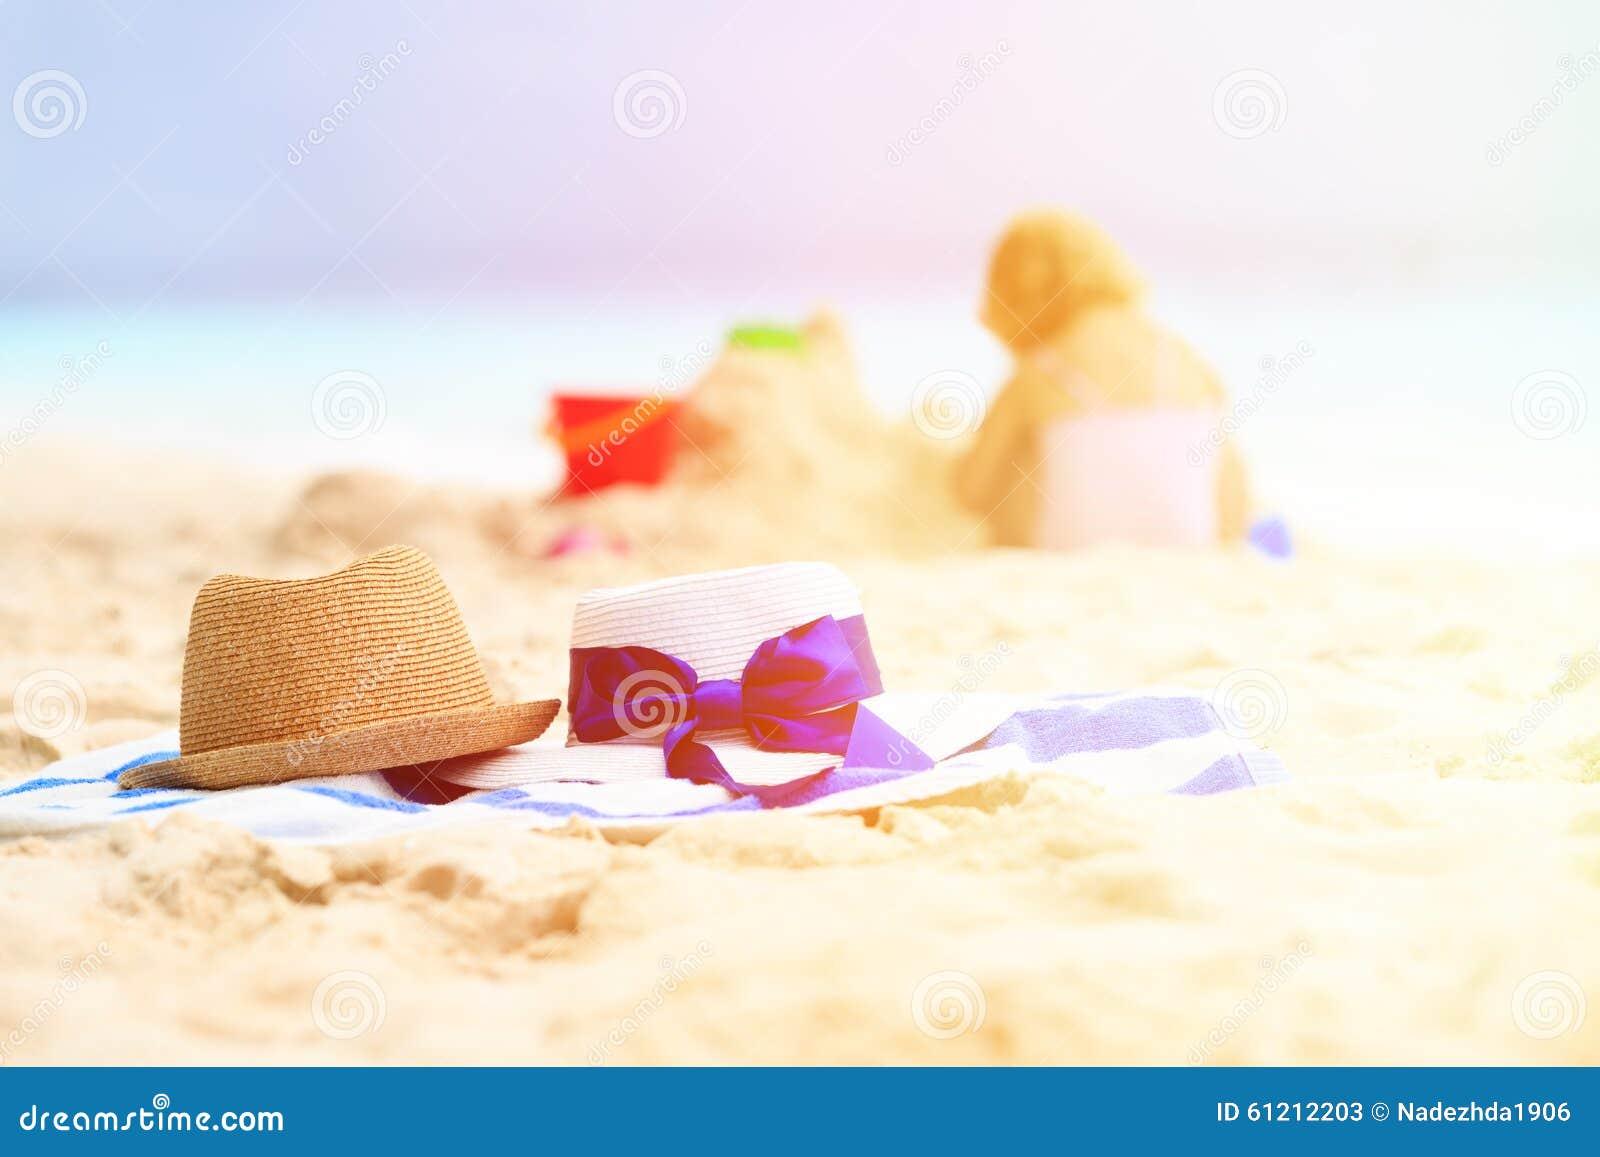 Familienstrand-Ferienkonzept - Hüte und Kind spielen